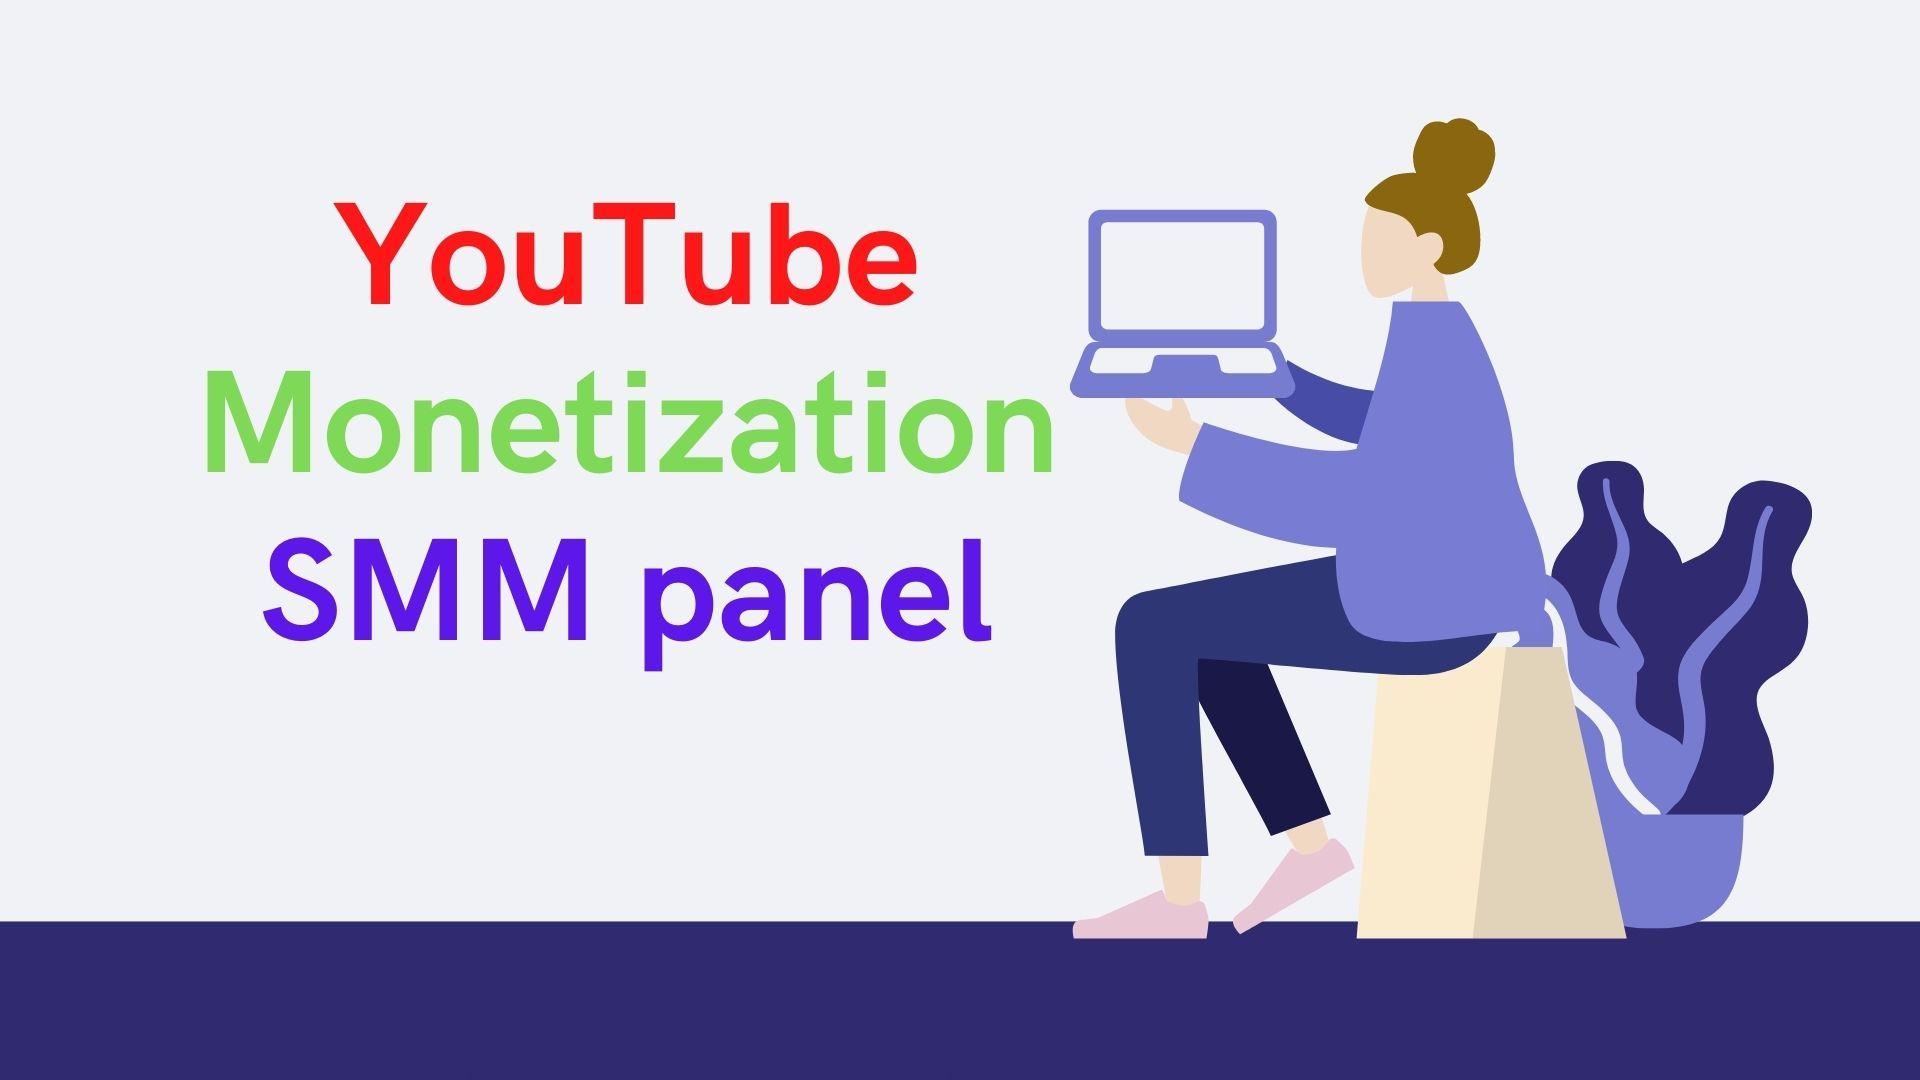 Youtube monetization SMM panel